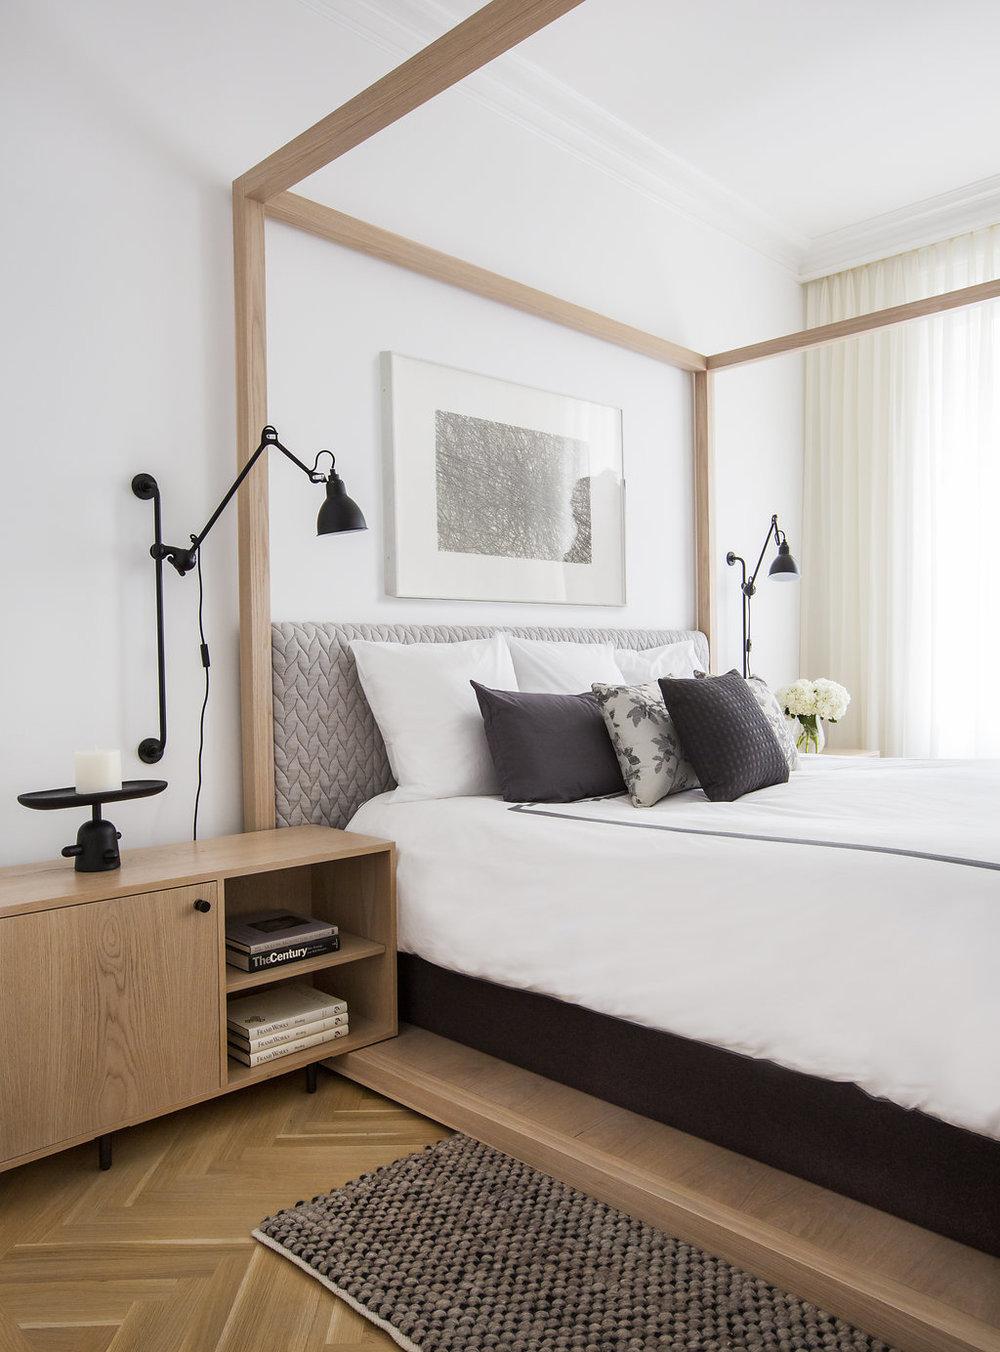 M Bed 1 by Tessa Neustadt.jpg